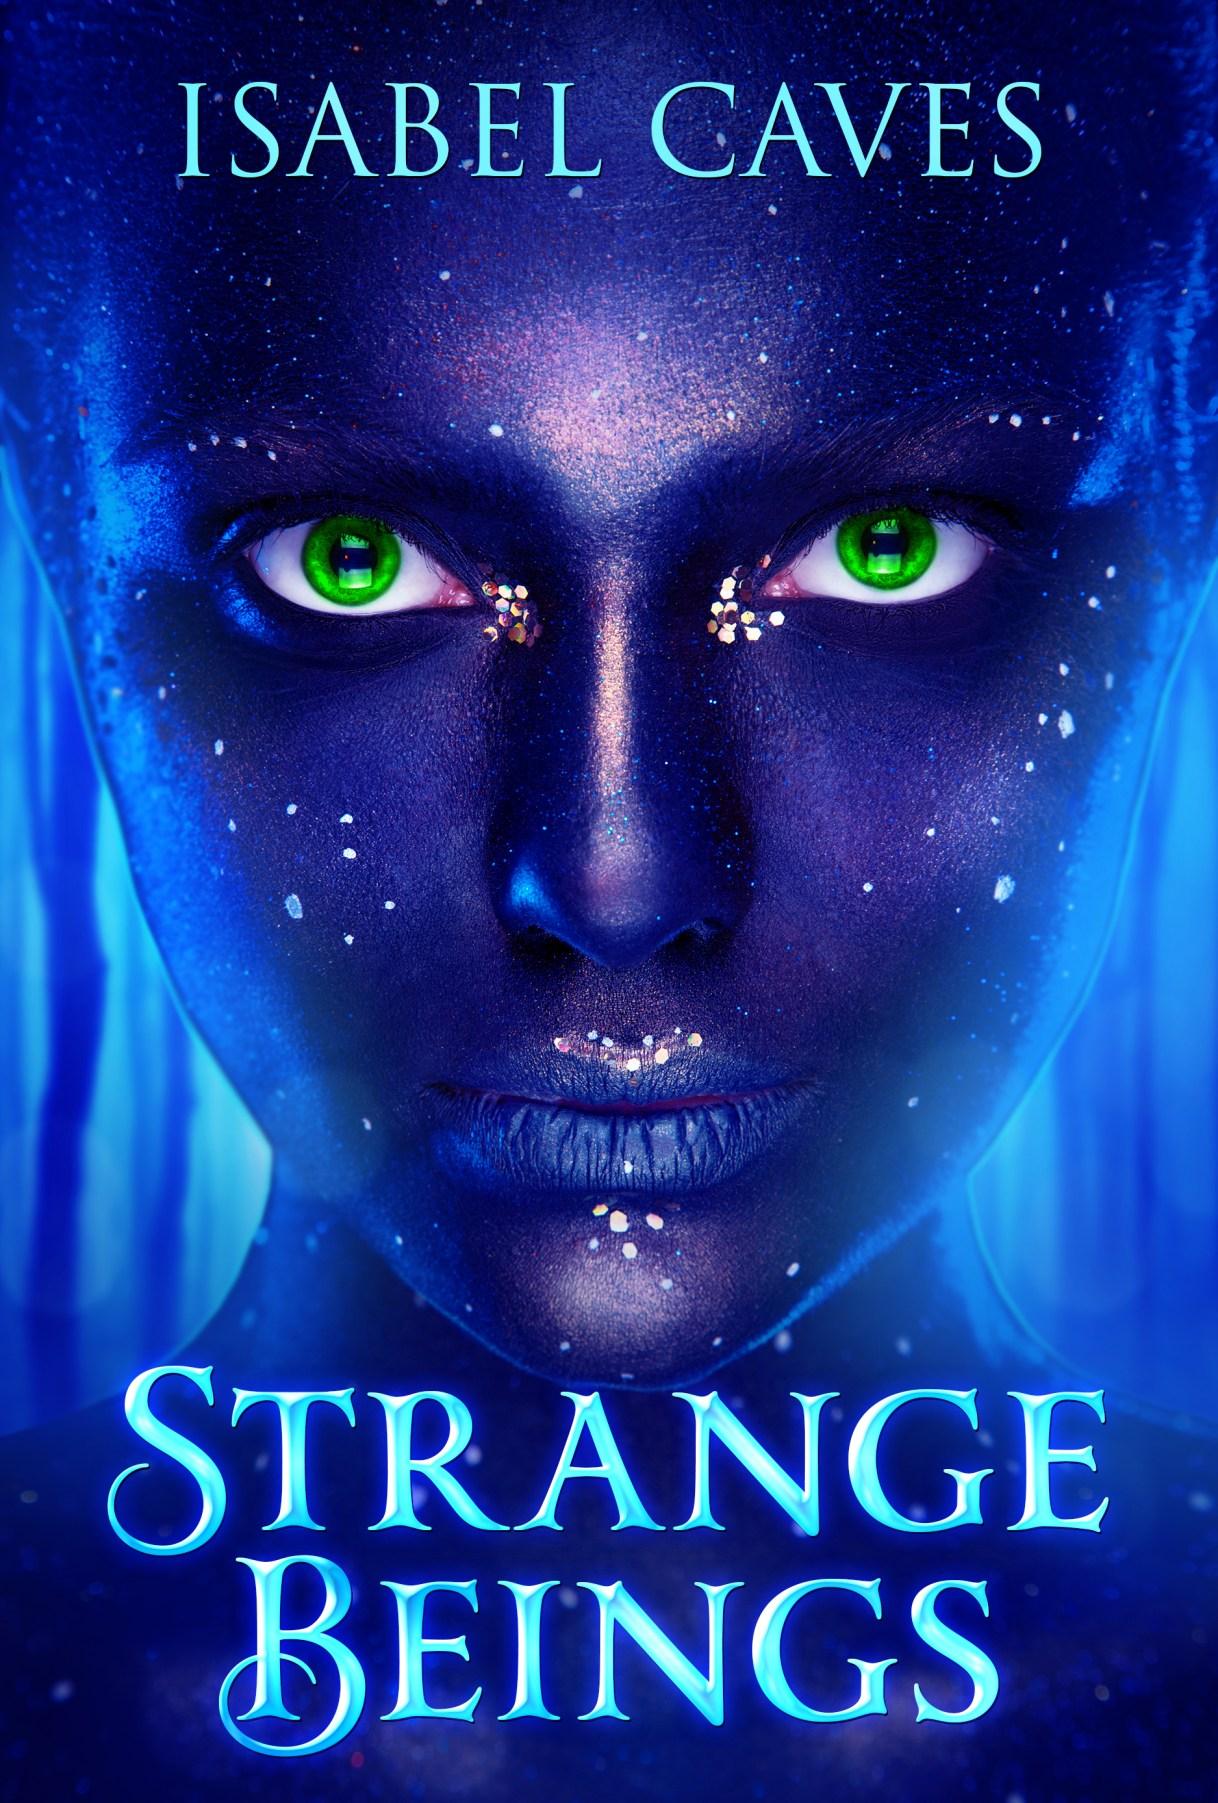 StrangeBeings_IsabelCaves